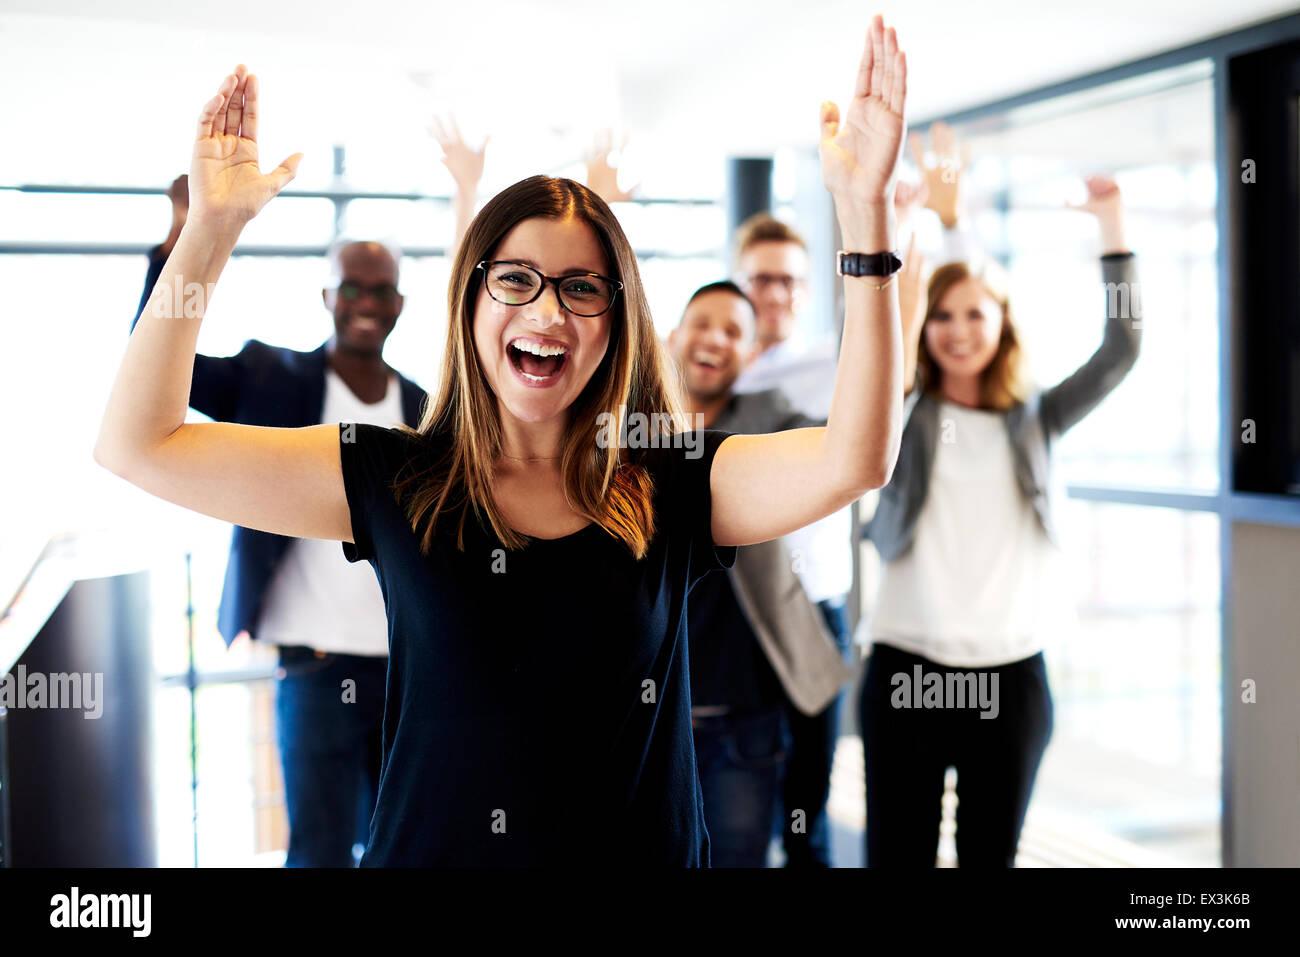 Junge weiße weibliche executive stand vor Kollegen mit ihren Armen hochgezogen. Stockbild